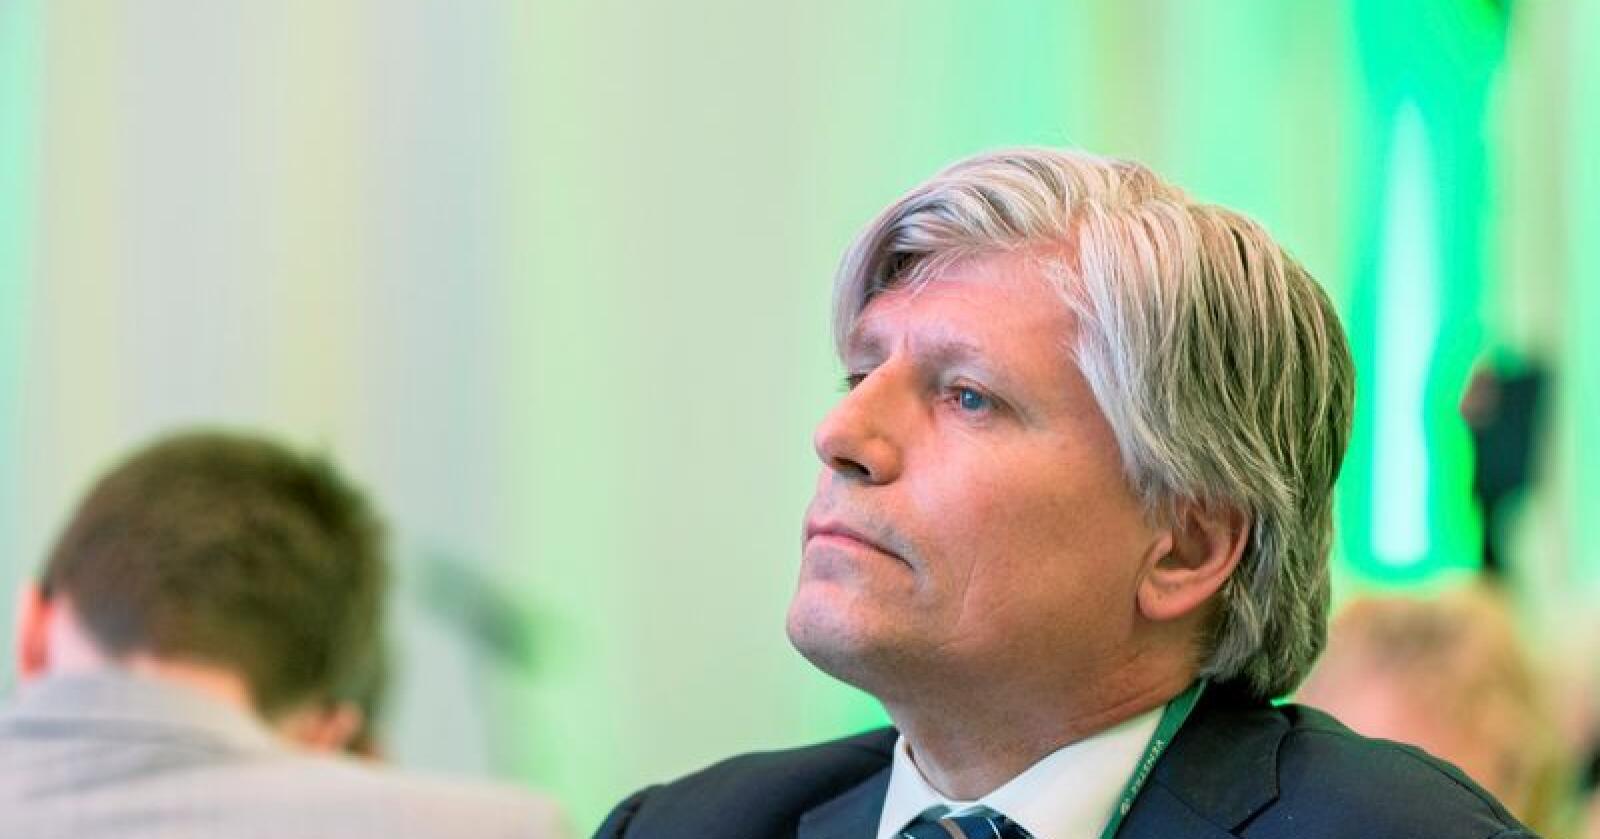 Klima- og miljøminister Ola Elvestuen (V) mener det er på høy tid med det rovdyrsenter i Hedmark. Foto: Ned Alley / NTB scanpix